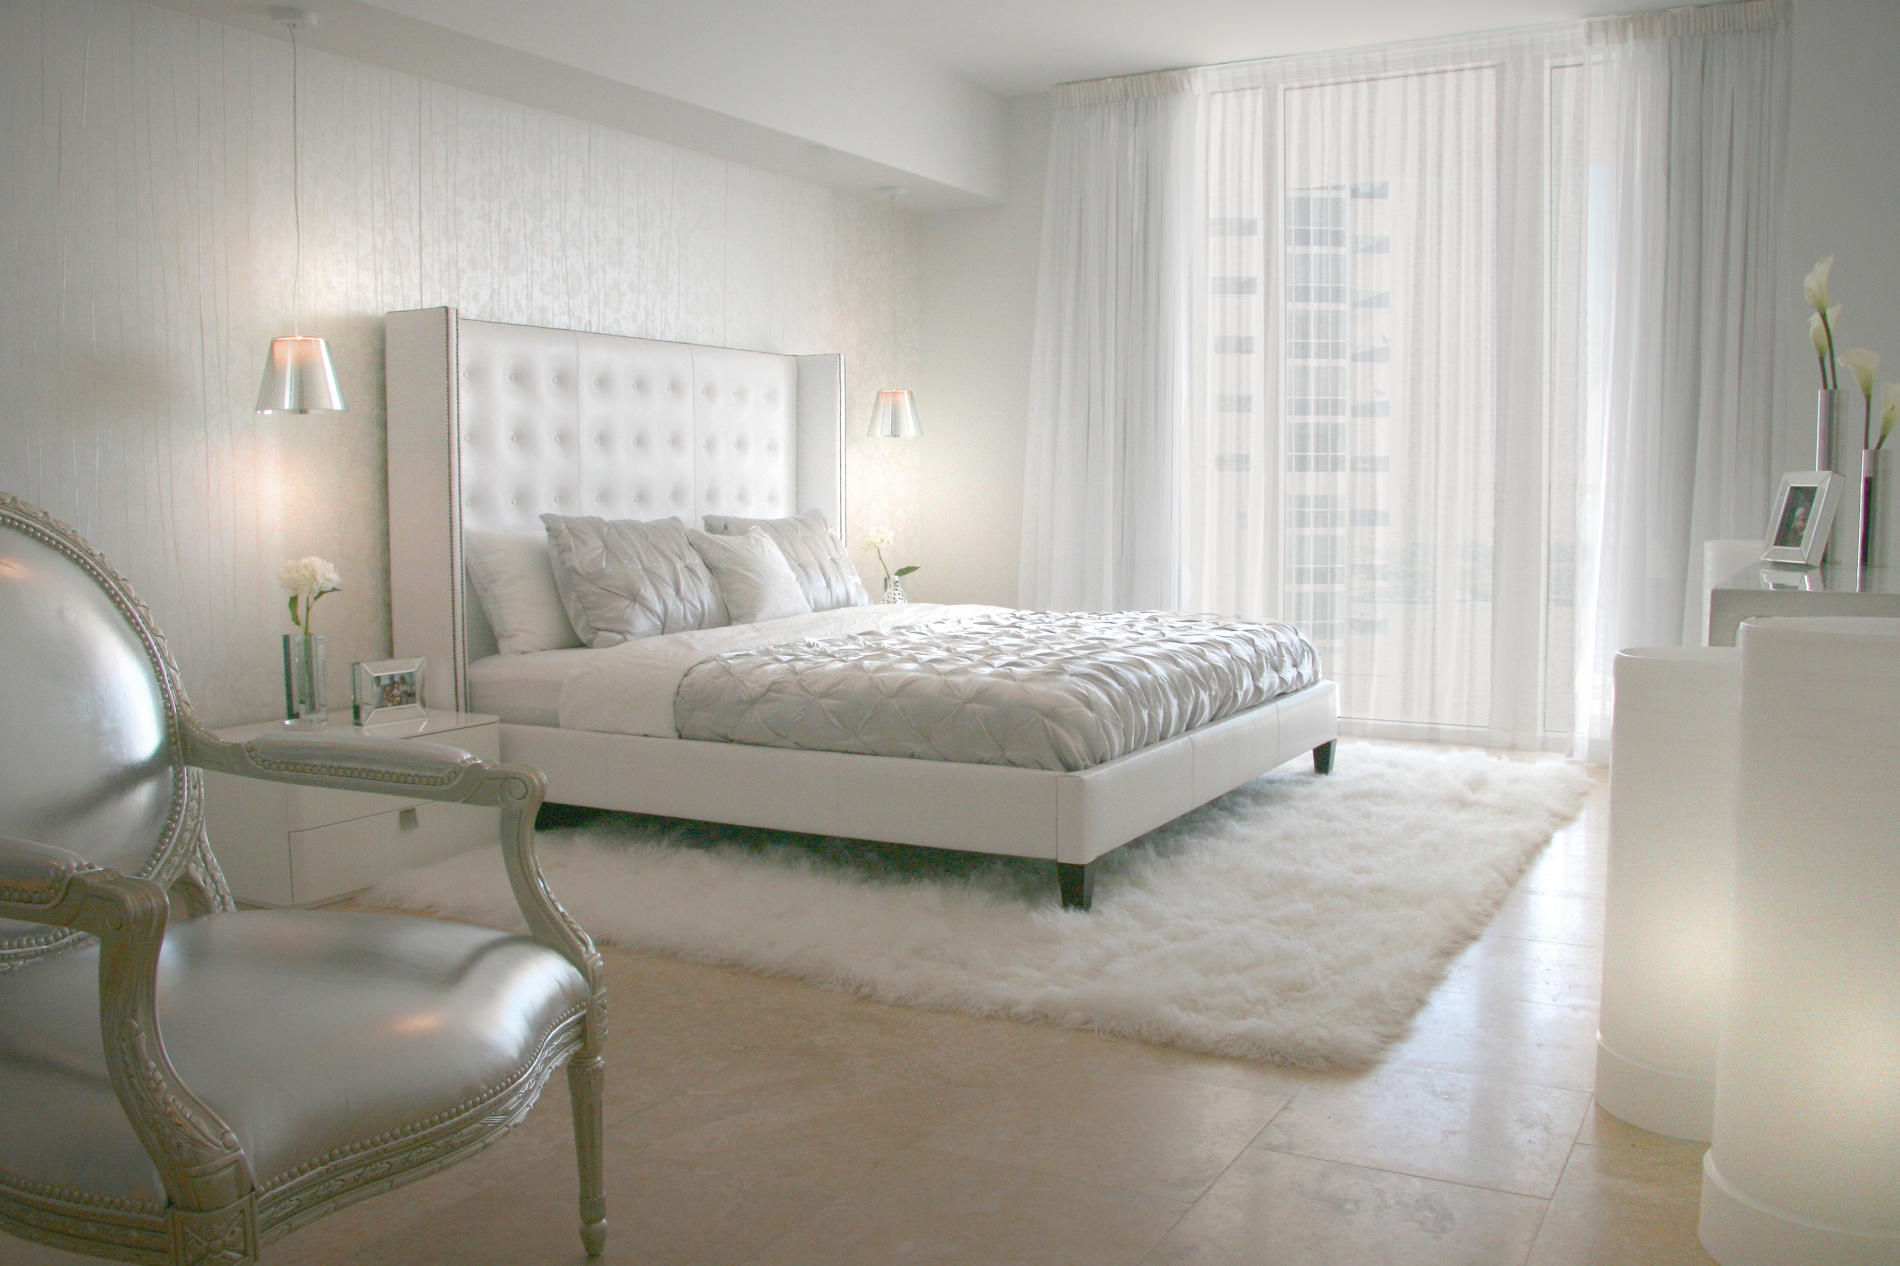 تزيين ستائر غرف النوم البيضاء | المرسال